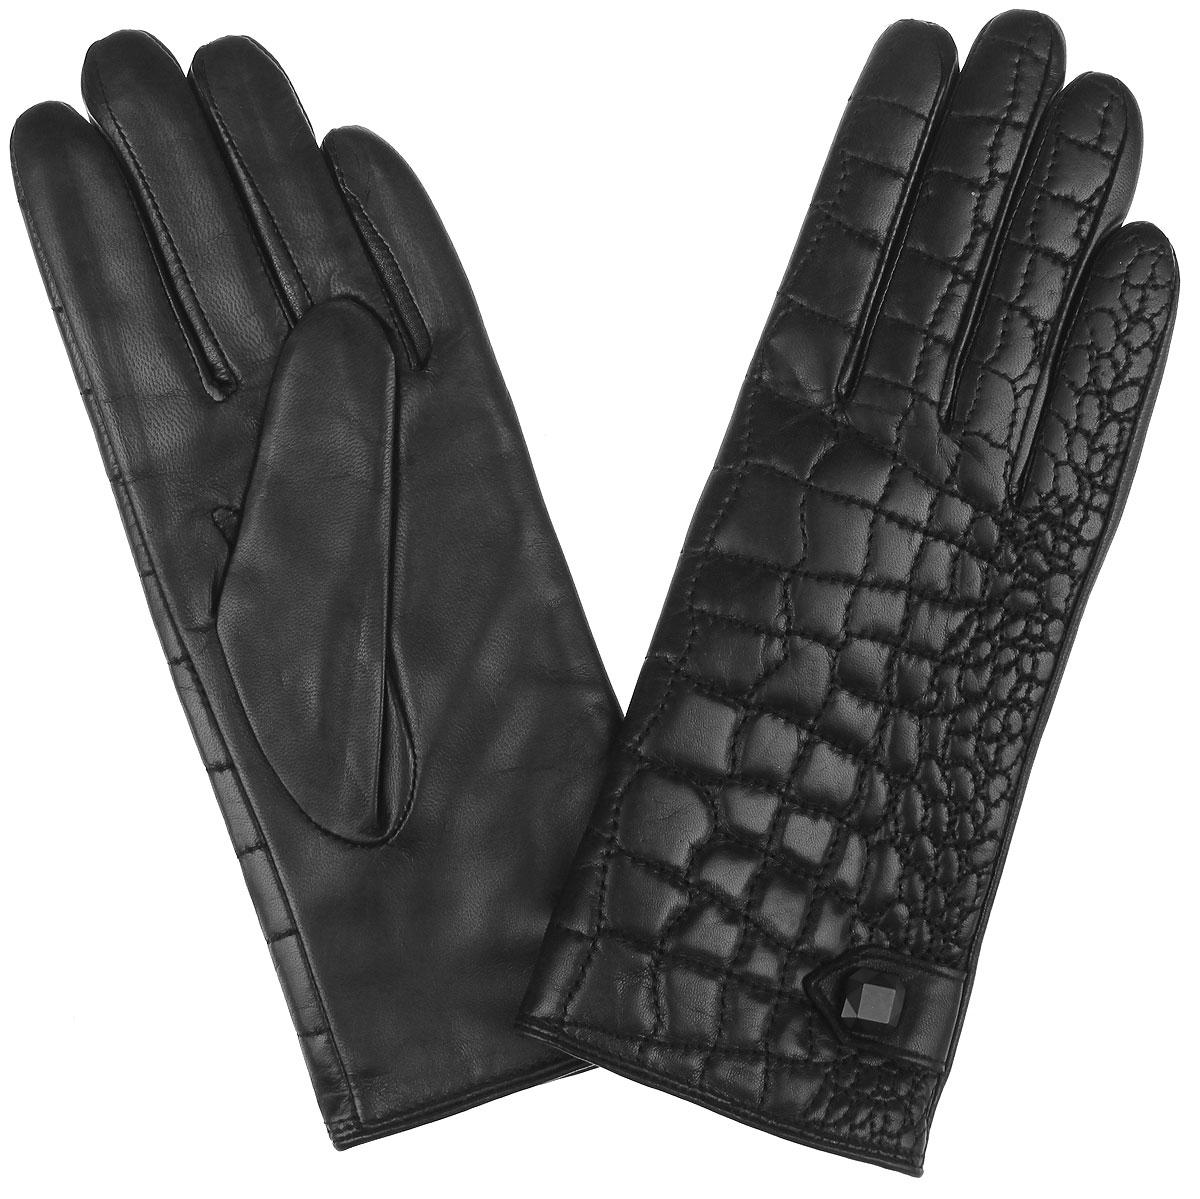 Перчатки женские Fabretti, цвет: черный. 9.82-1 black. Размер 6,59.82-1 blackПотрясающие женские перчатки Fabretti с подкладкой из шерсти и кашемиравыполнены из мягкой и приятной на ощупь эфиопской перчаточной кожи. Лицеваясторона оформлена отстрочкой под кожу рептилии, а также хлястиком соригинальной фурнитурой.Создайте эффектный образ и подчеркните свою яркую индивидуальность новымаксессуаром!